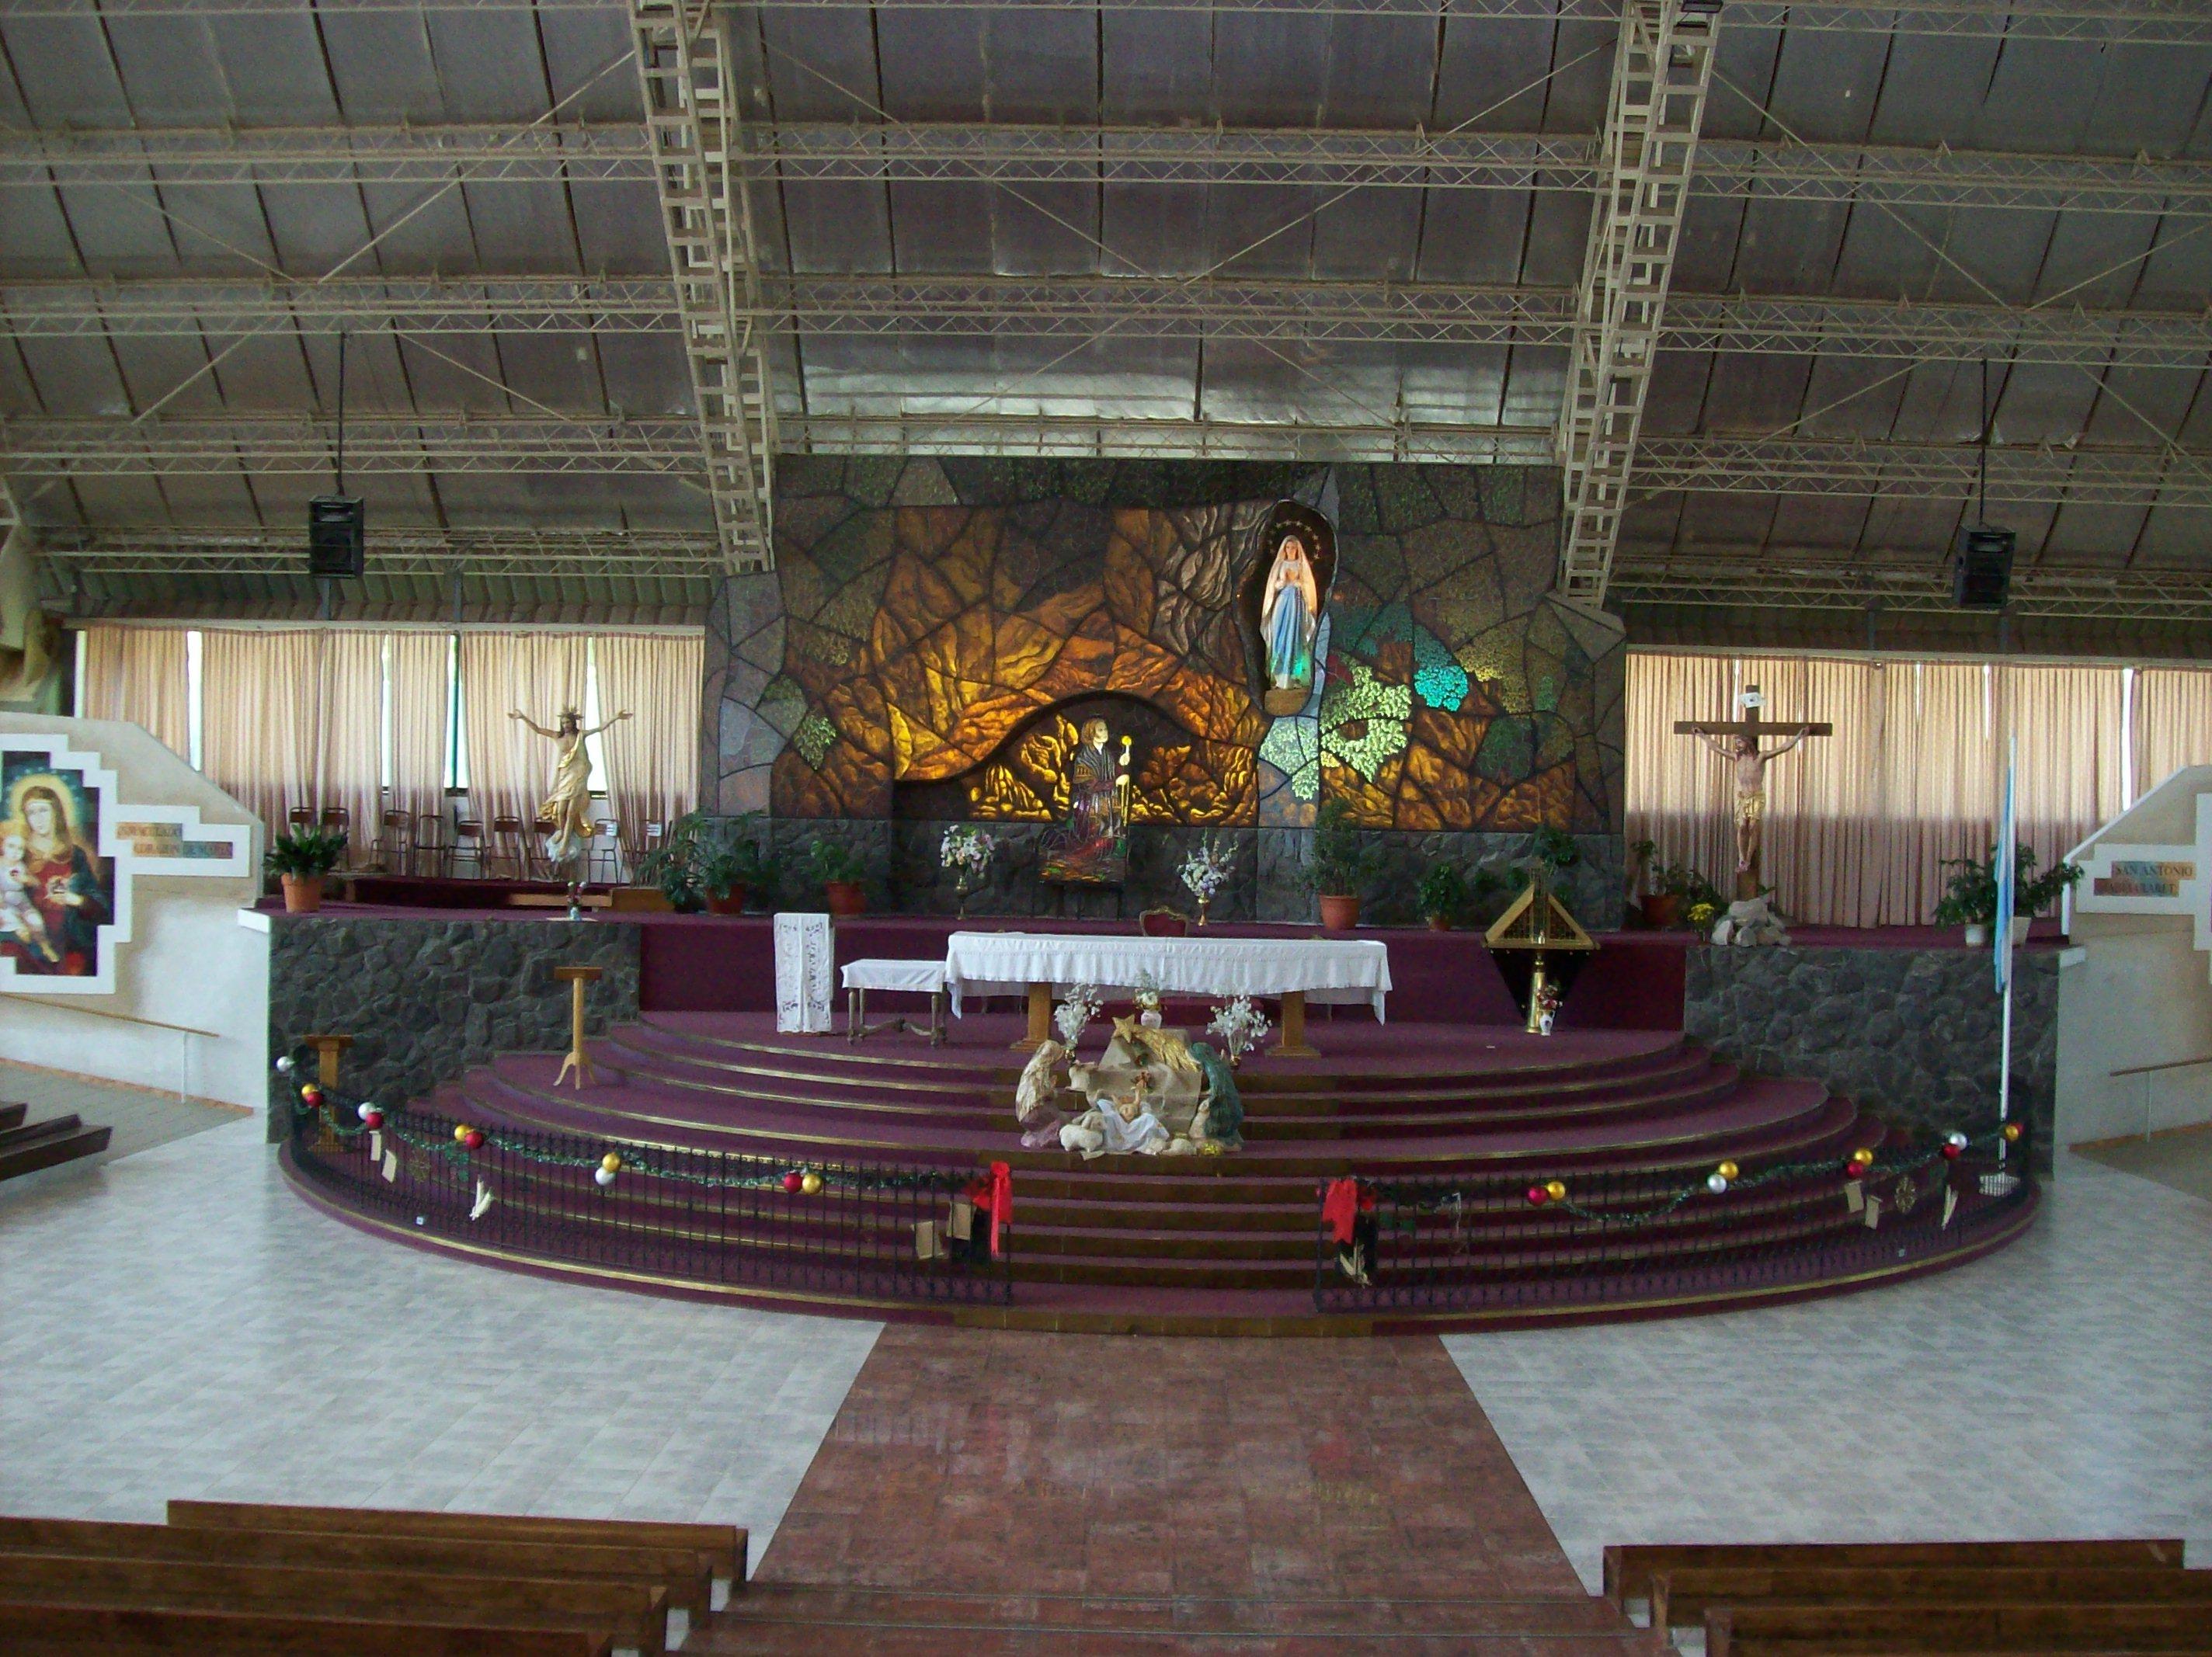 Nuestra Señora De Lourdes: File:Altar Del Santuario Nuestra Señora De Lourdes De El